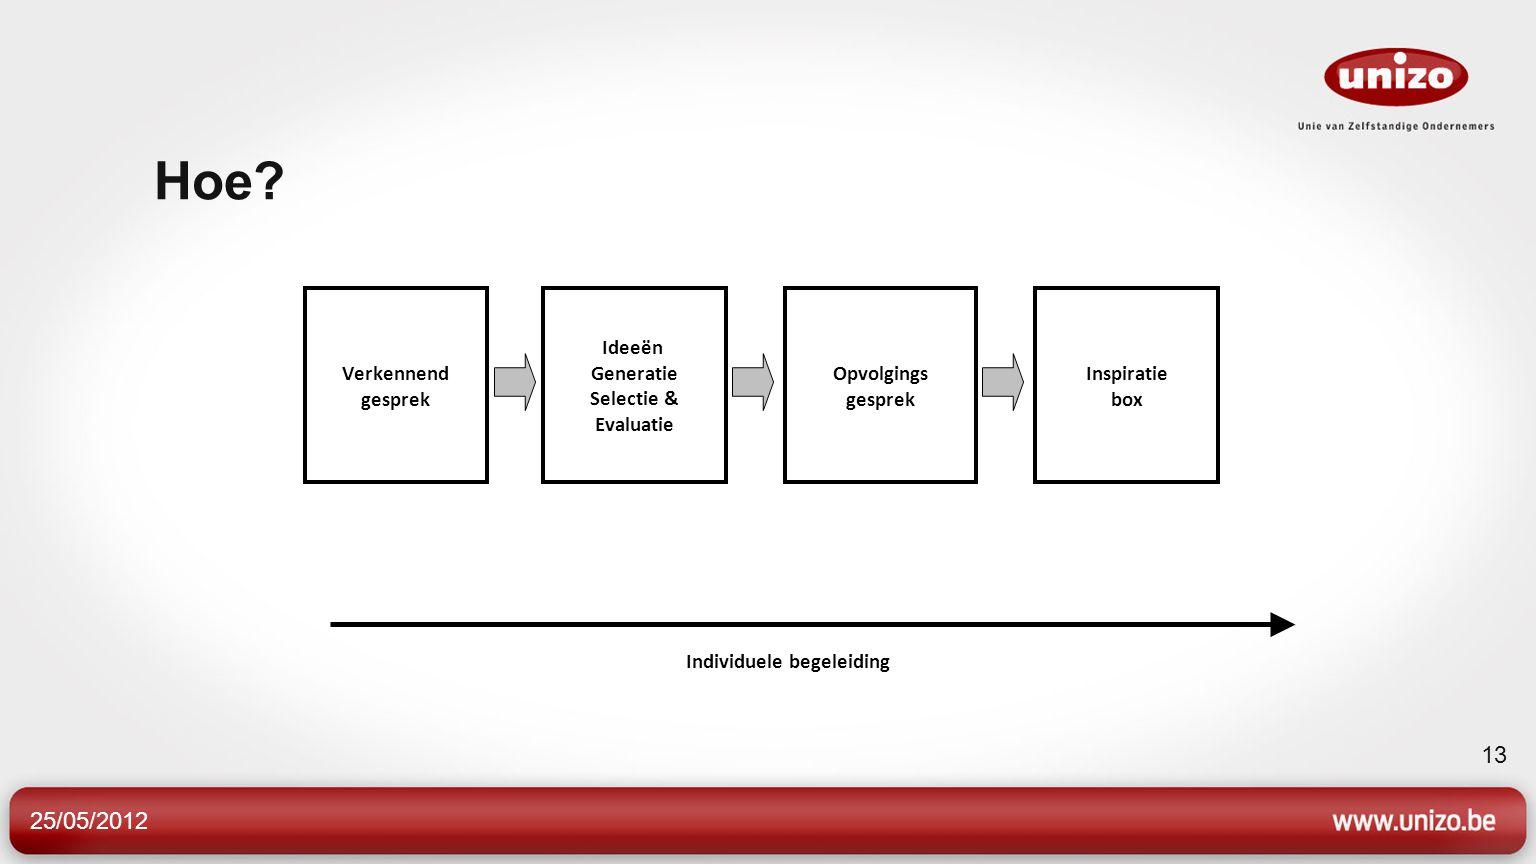 Hoe? 25/05/2012 13 Opvolgings gesprek Ideeën Generatie Selectie & Evaluatie Verkennend gesprek Individuele begeleiding Inspiratie box